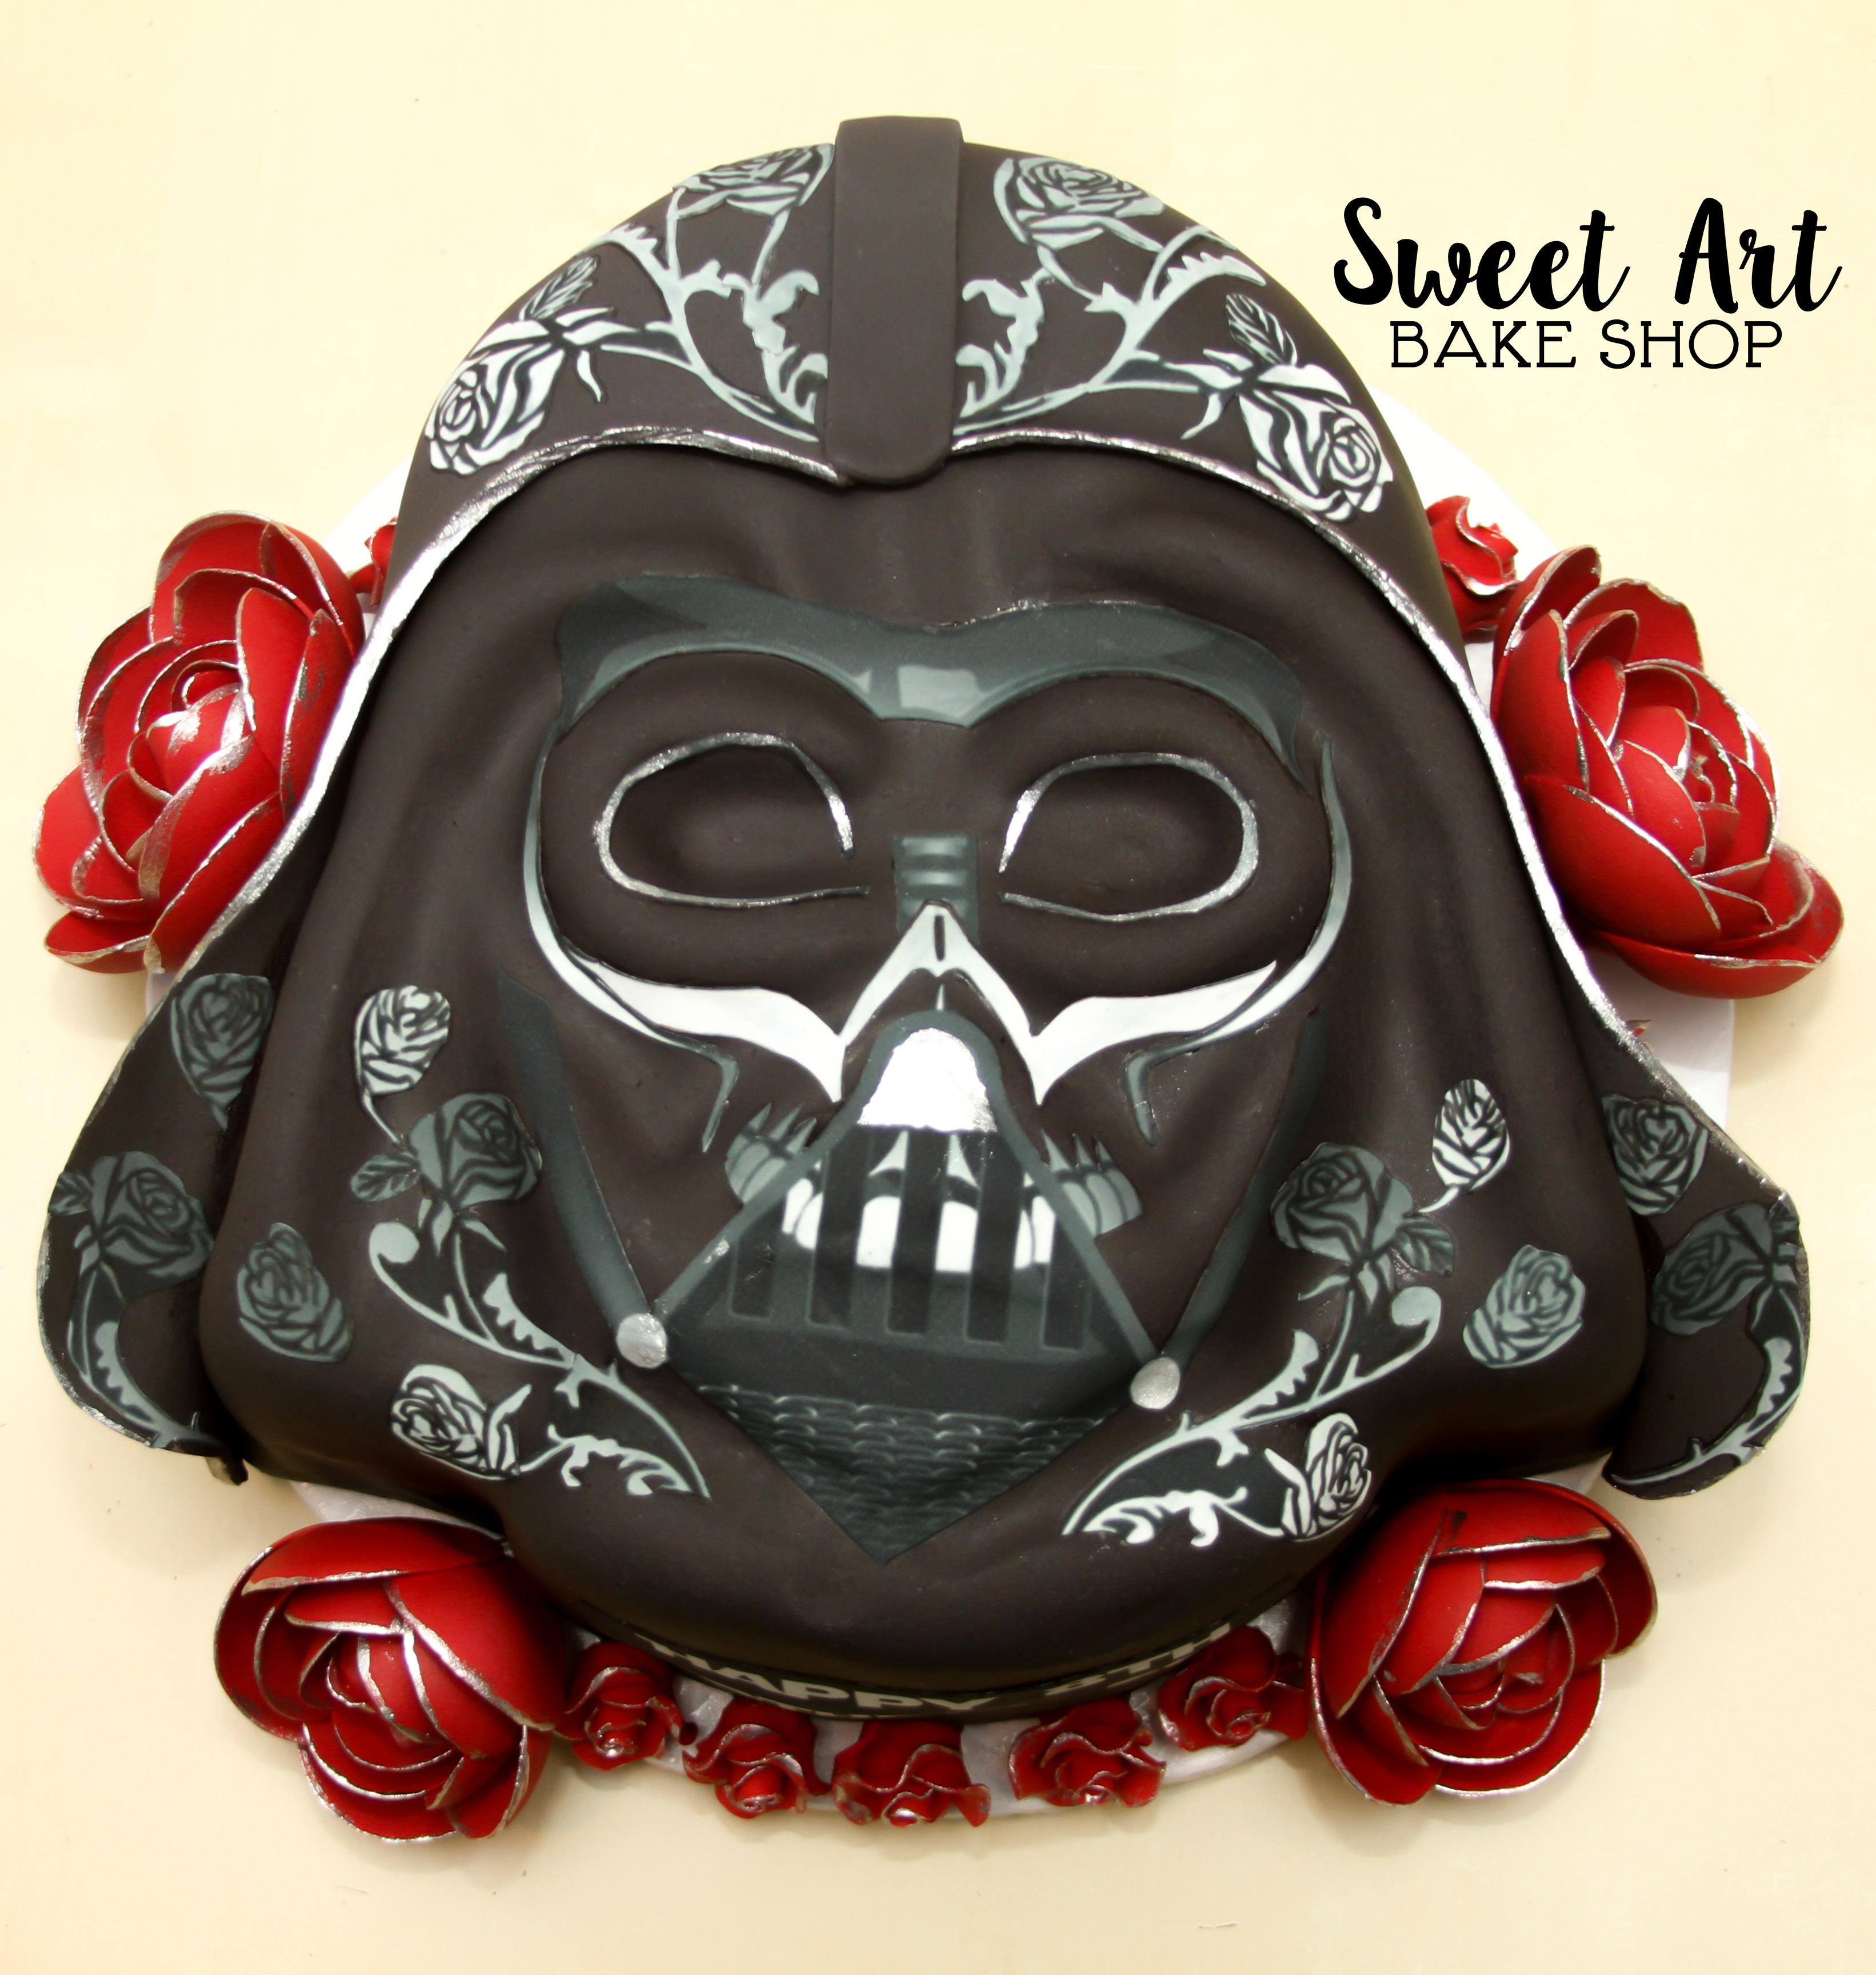 Darth Vader Sugar Skull Cake